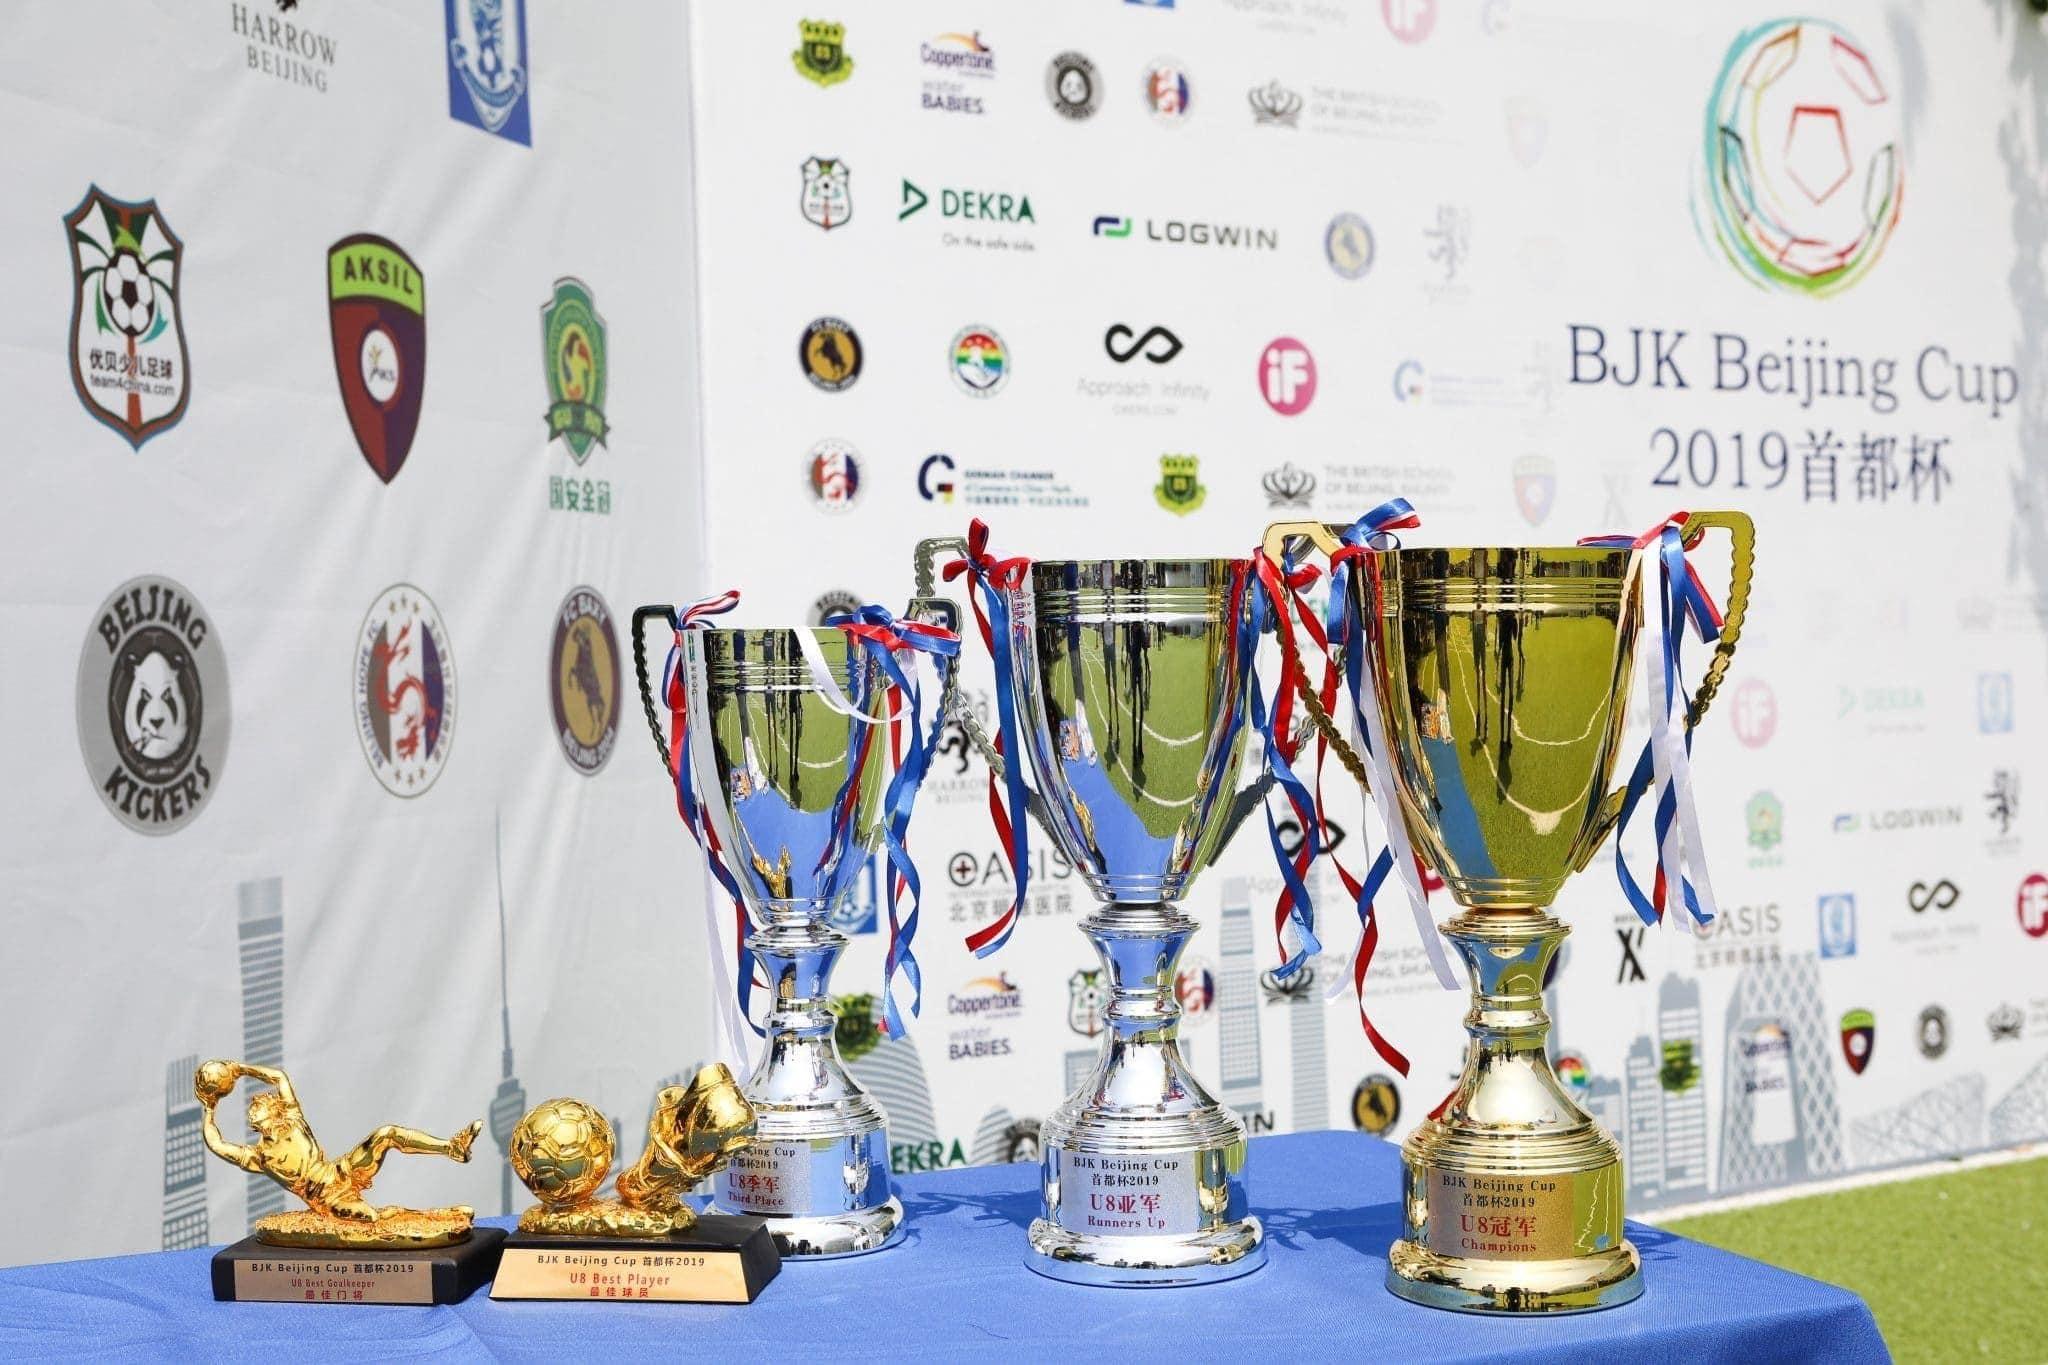 2019首届BJK首都杯